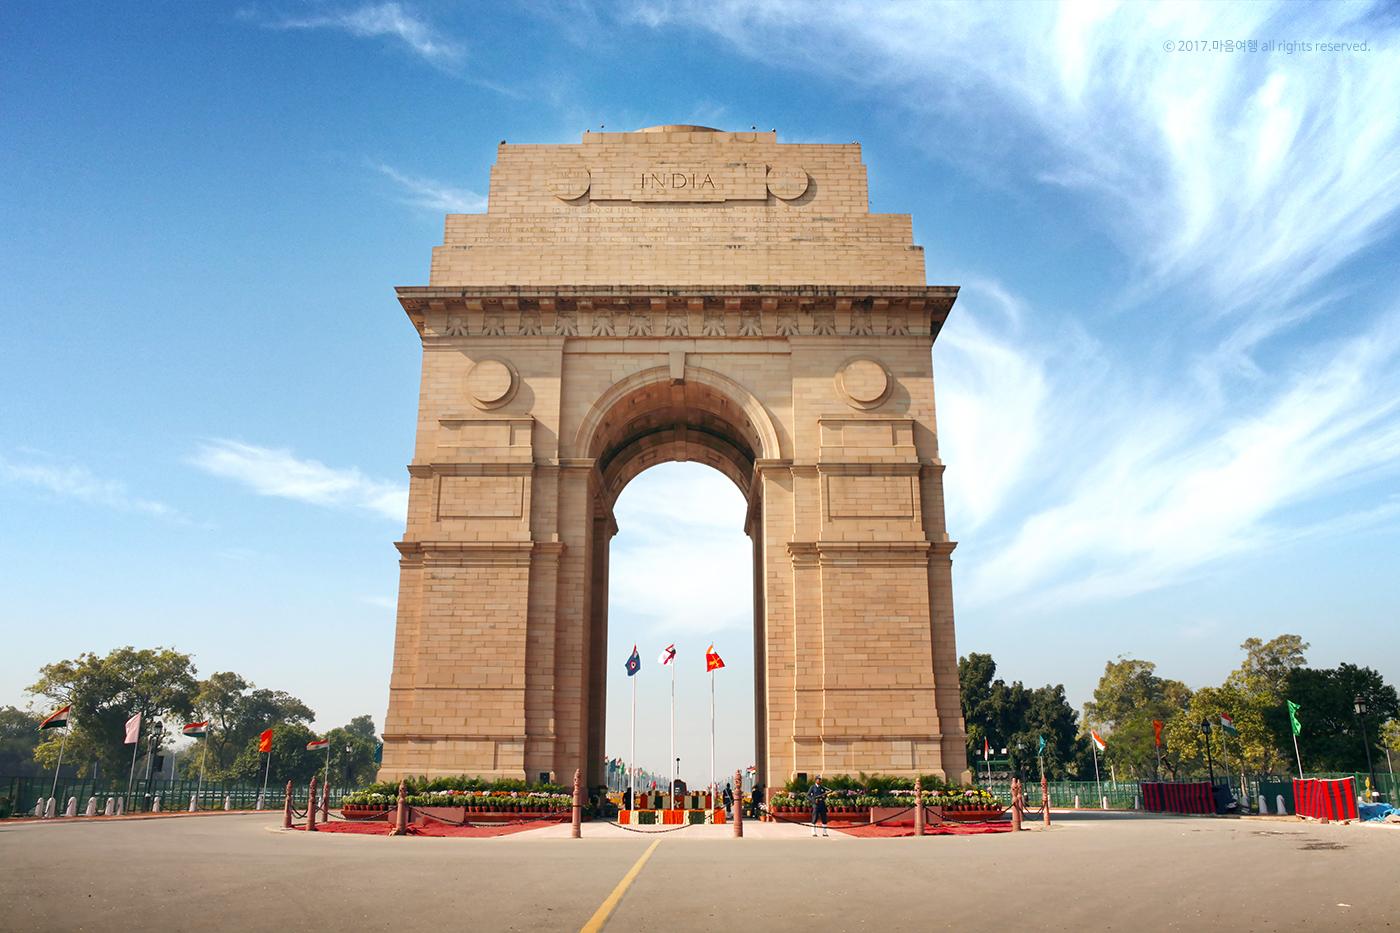 제 1차 세계대전에서 전사한 인도 병사를 추모하기 위해 만들어진 인도문